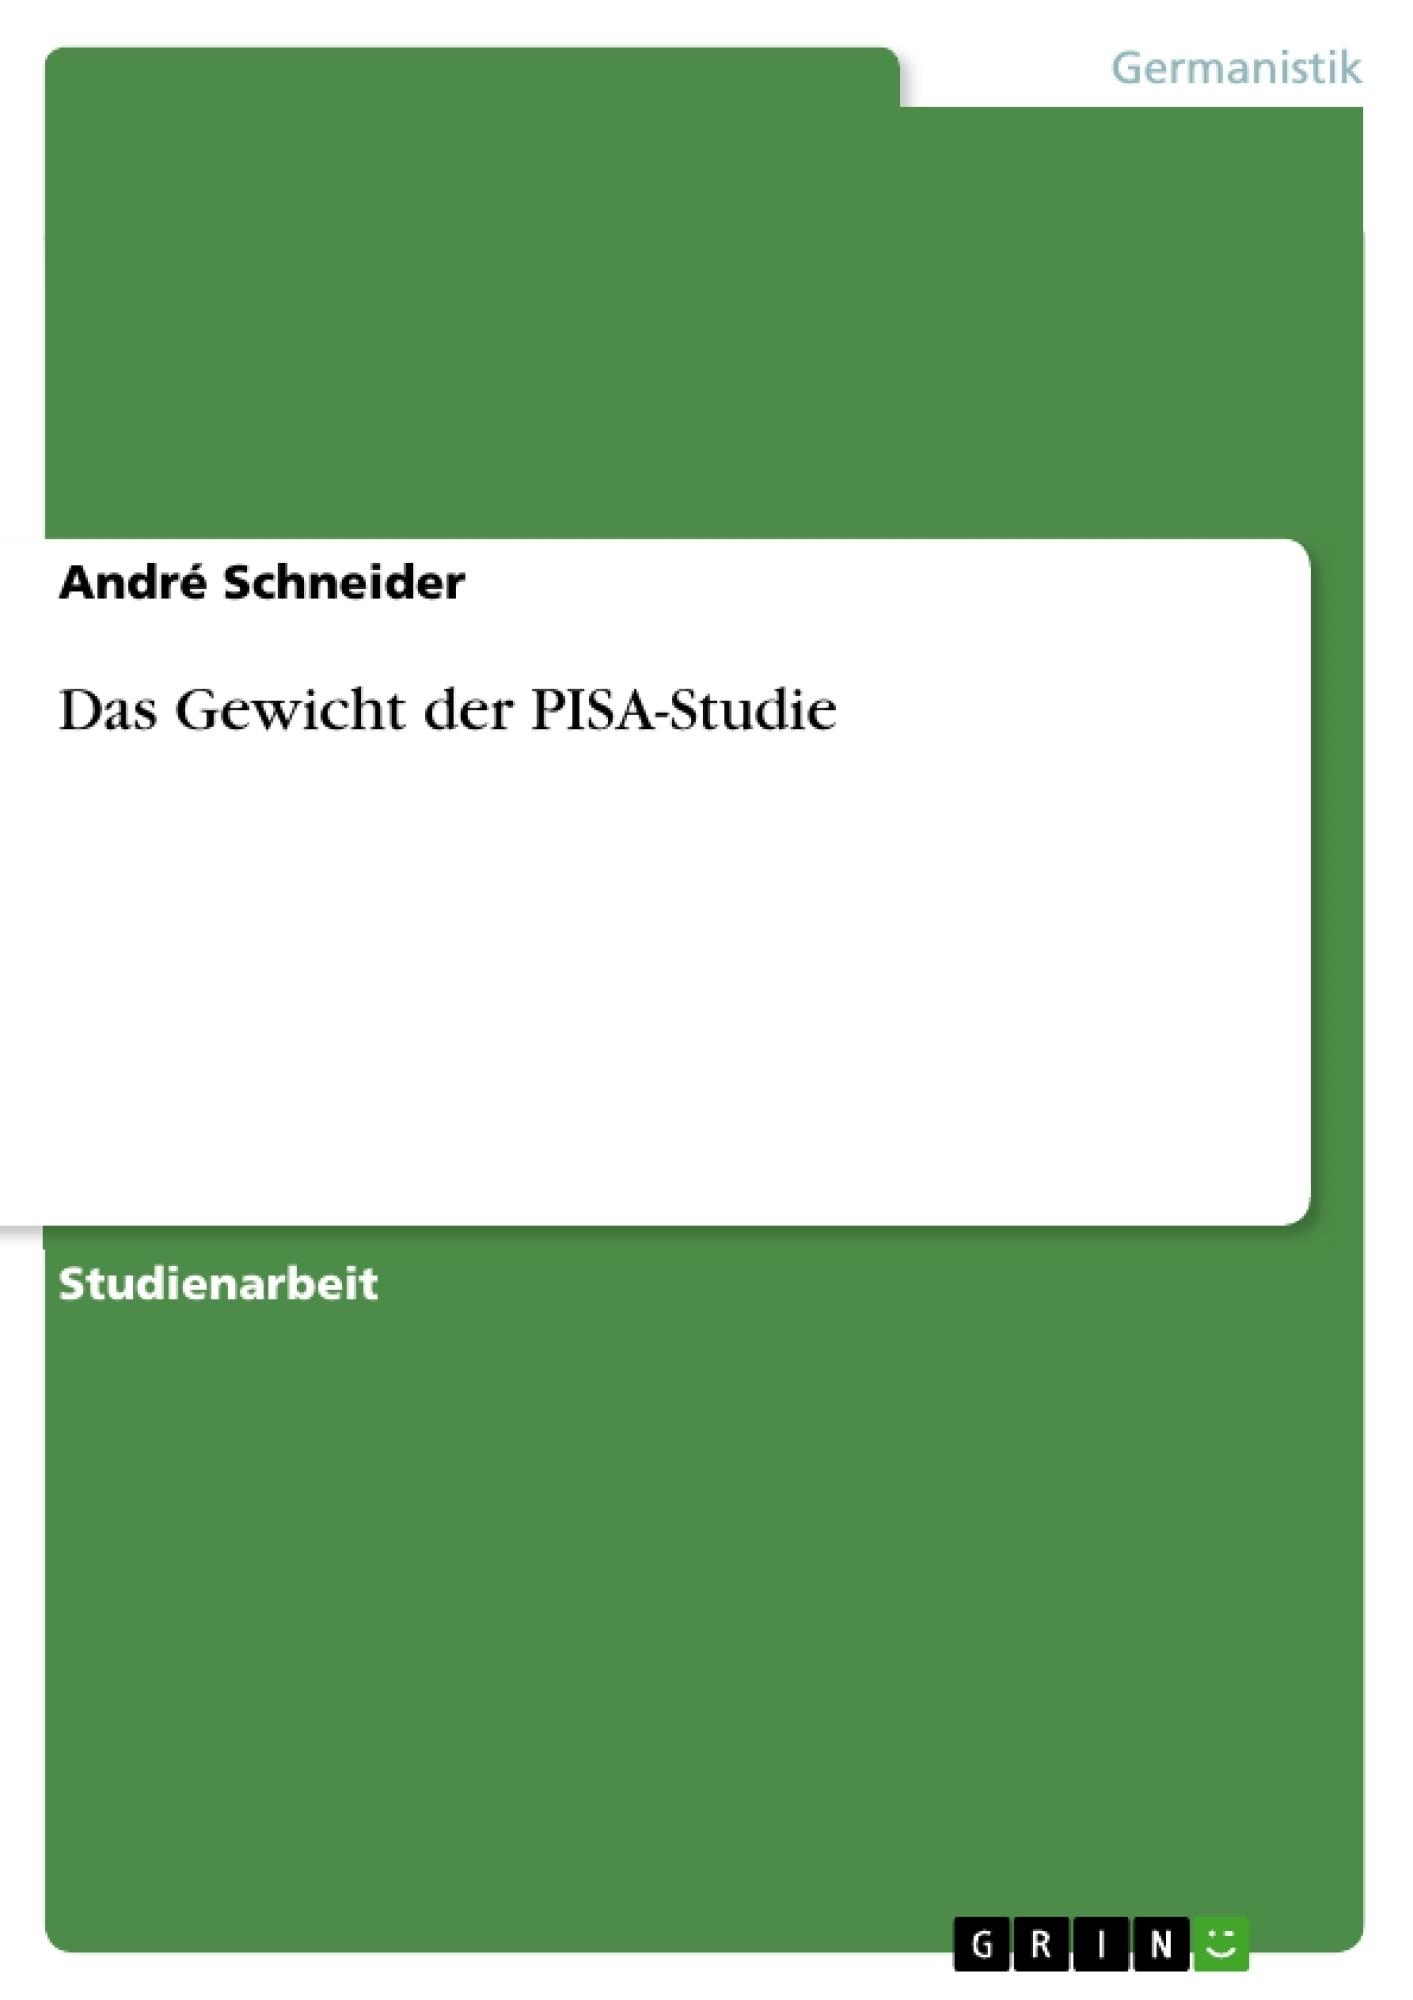 Titel: Das Gewicht der PISA-Studie